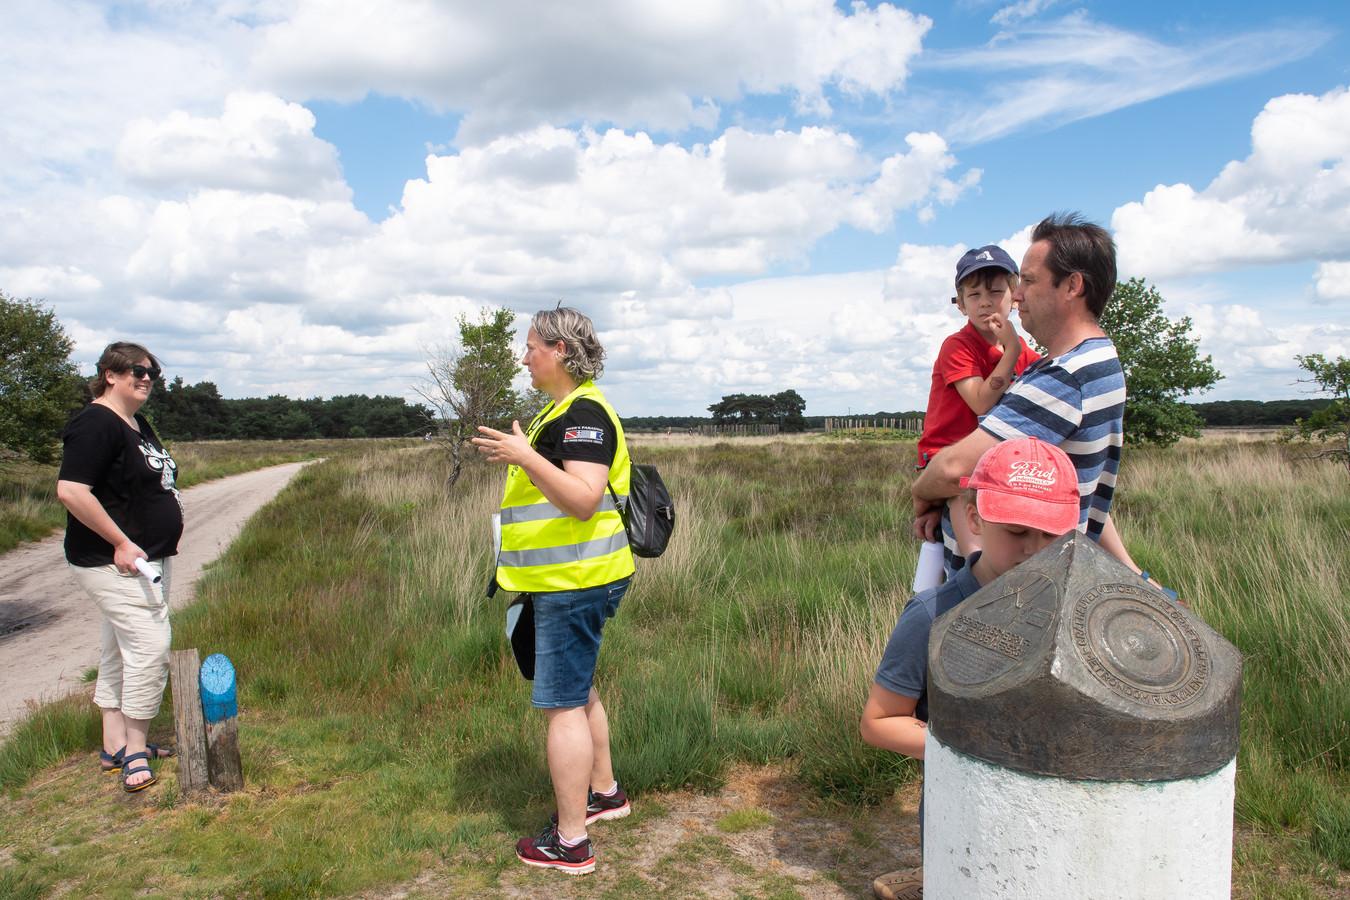 Archeologiedag in Riel. Een archeoloog geeft uitleg tijdens een rondleiding aan een gezin.